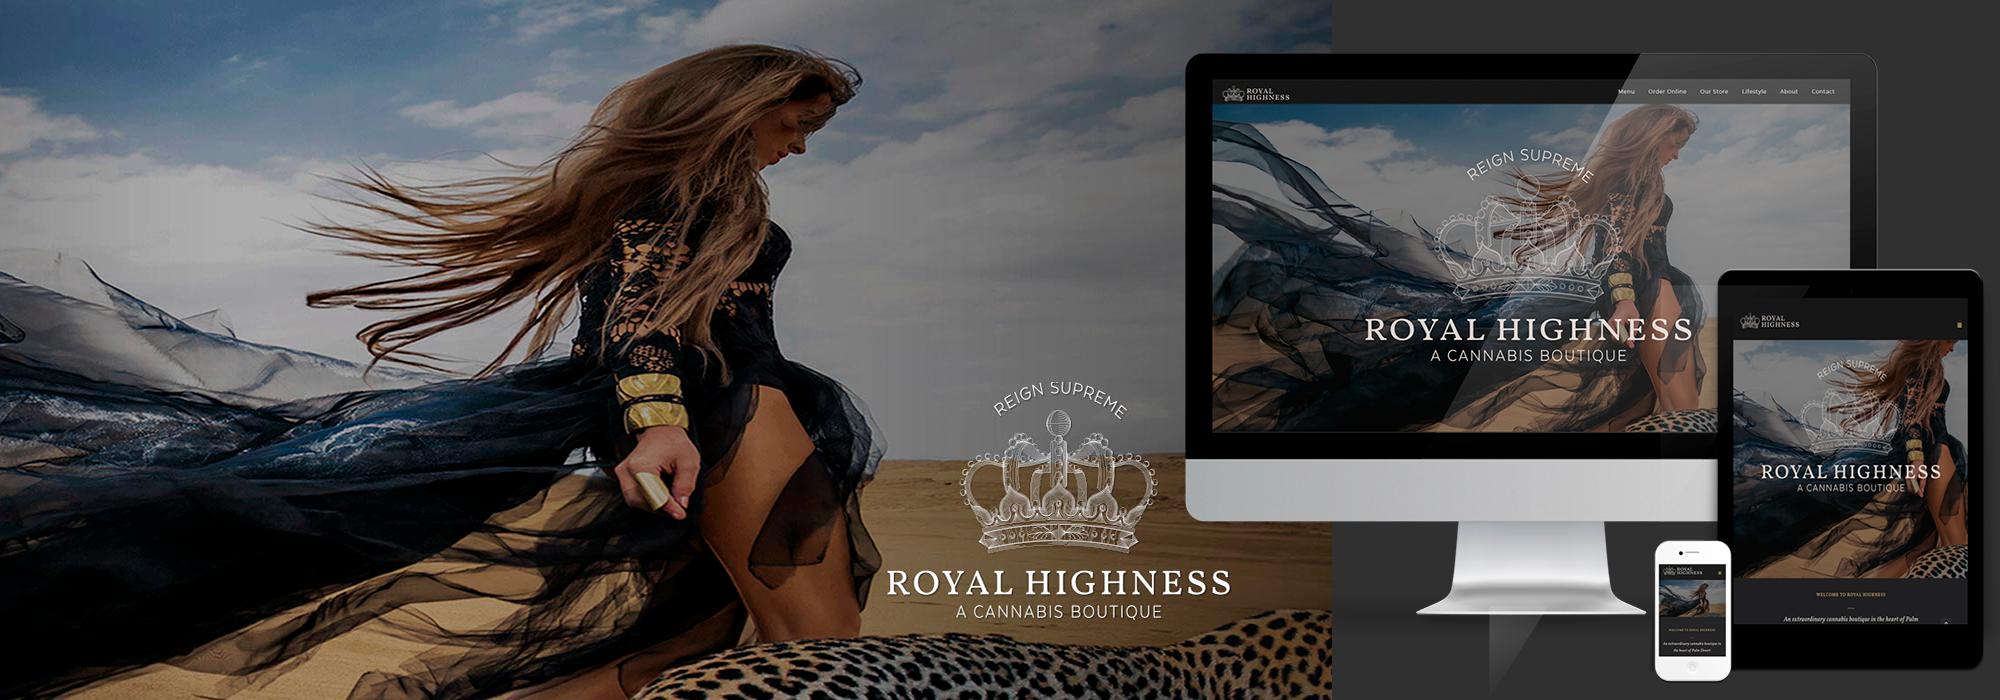 Royal Highness website design